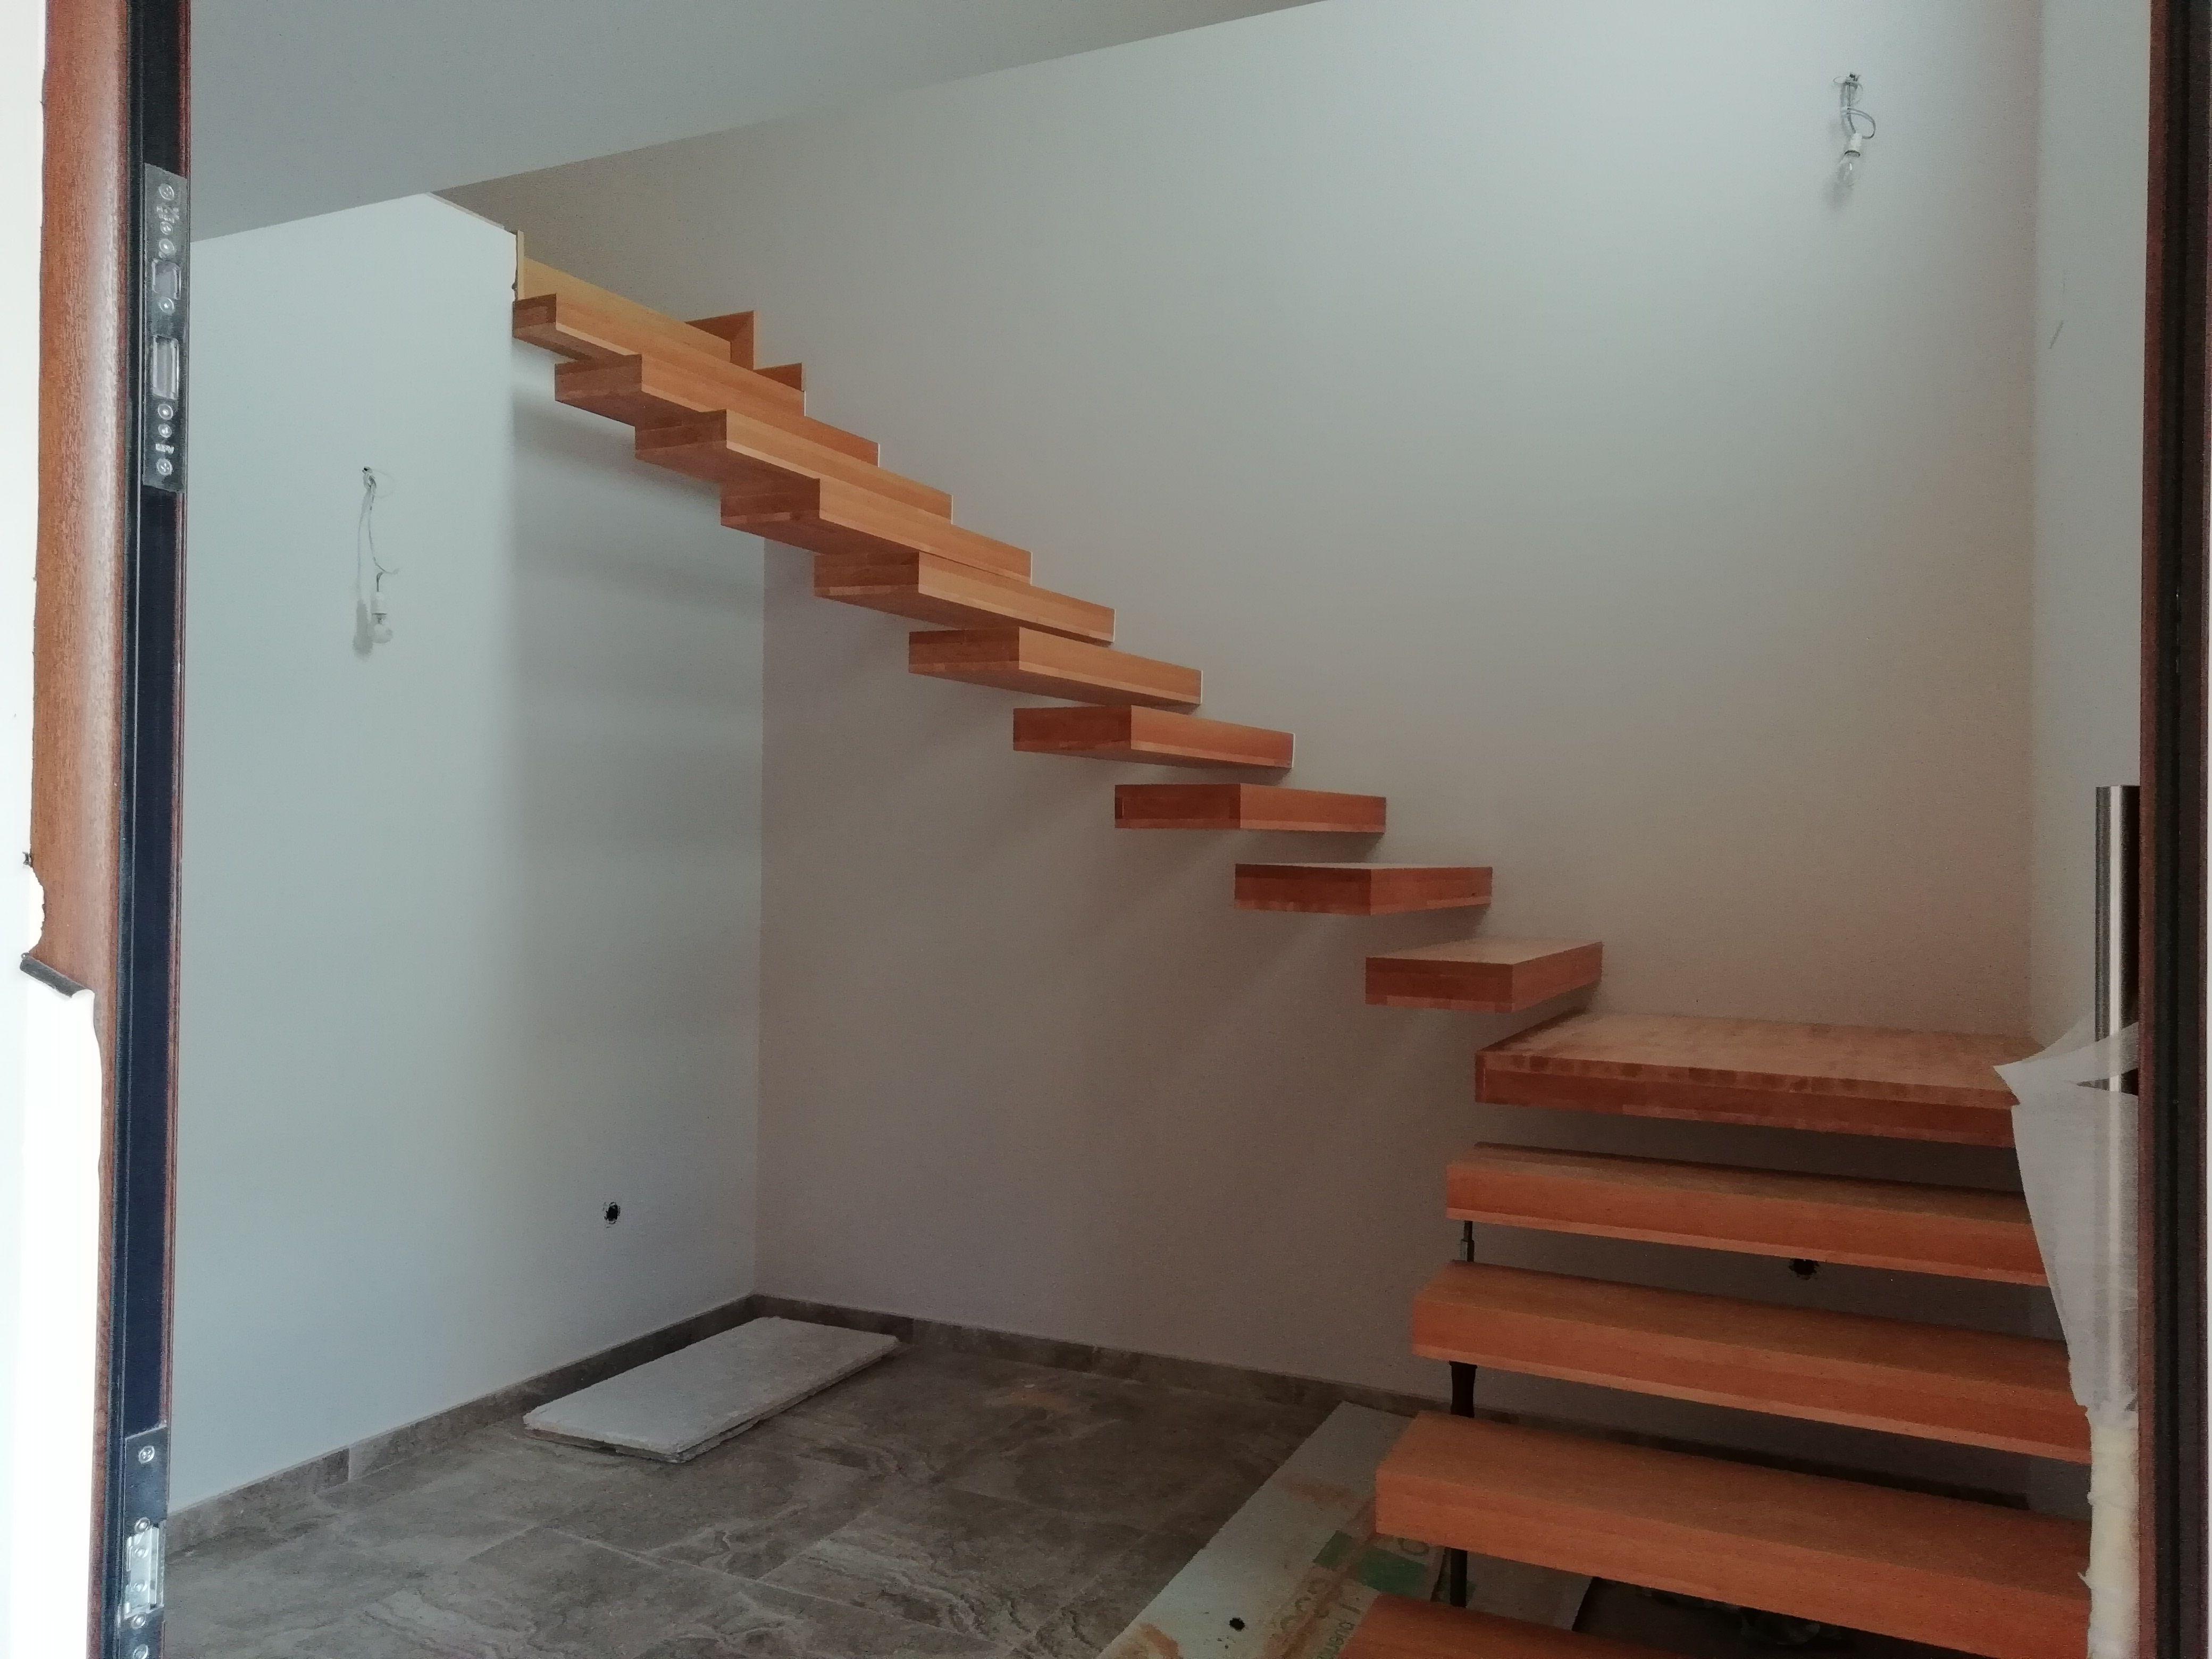 Escaleras: Catálogo de Carpintería Tercero